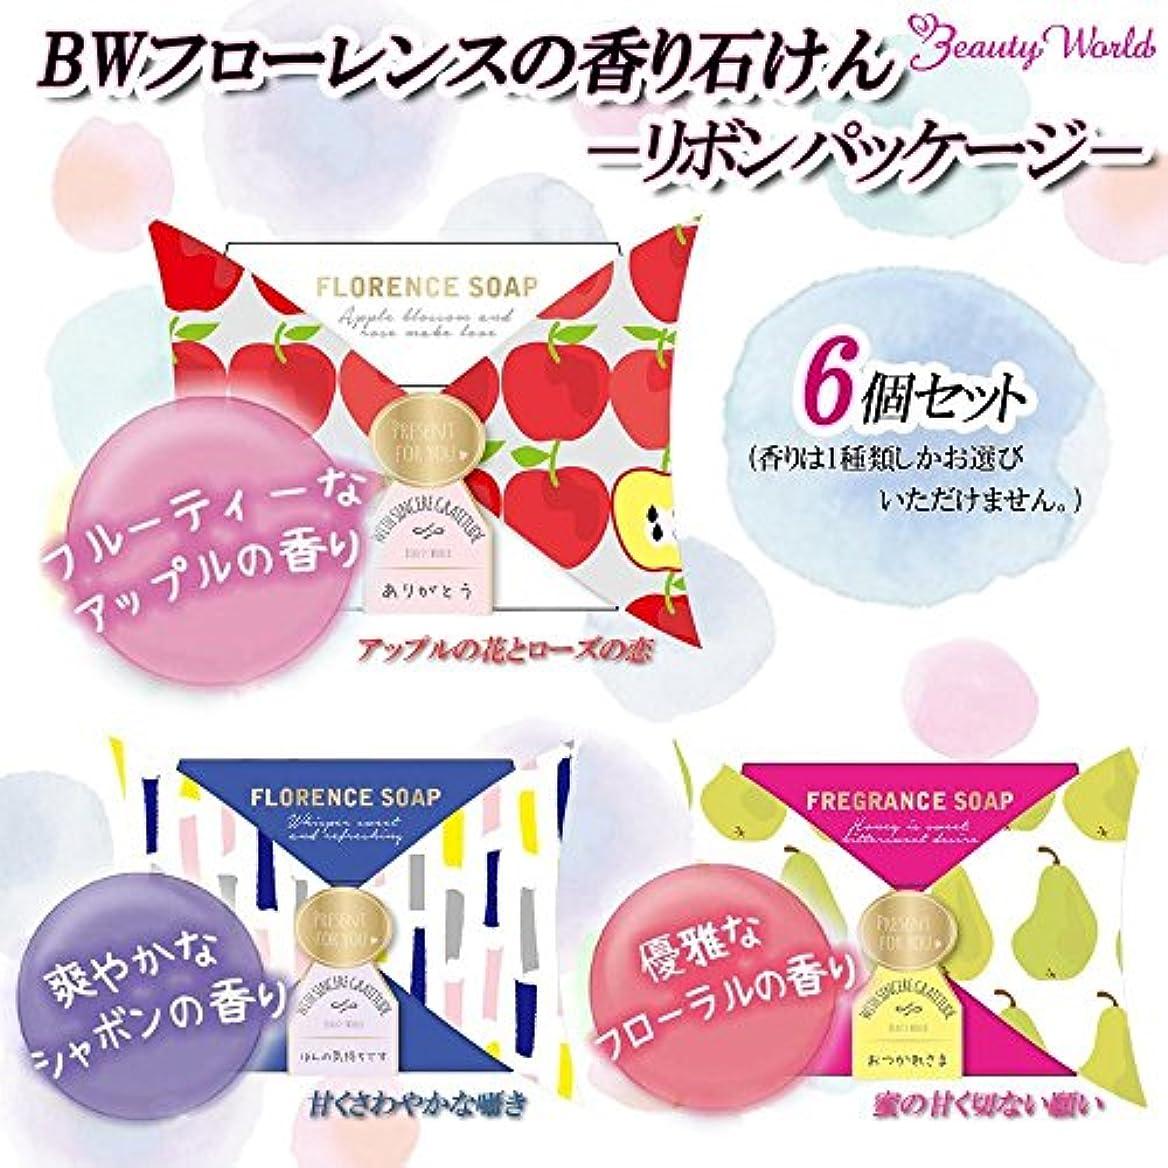 観察する同志非難するビューティーワールド BWフローレンスの香り石けん リボンパッケージ 6個セット ■3種類の内「FSP386?蜜の甘く切ない願い」を1点のみです